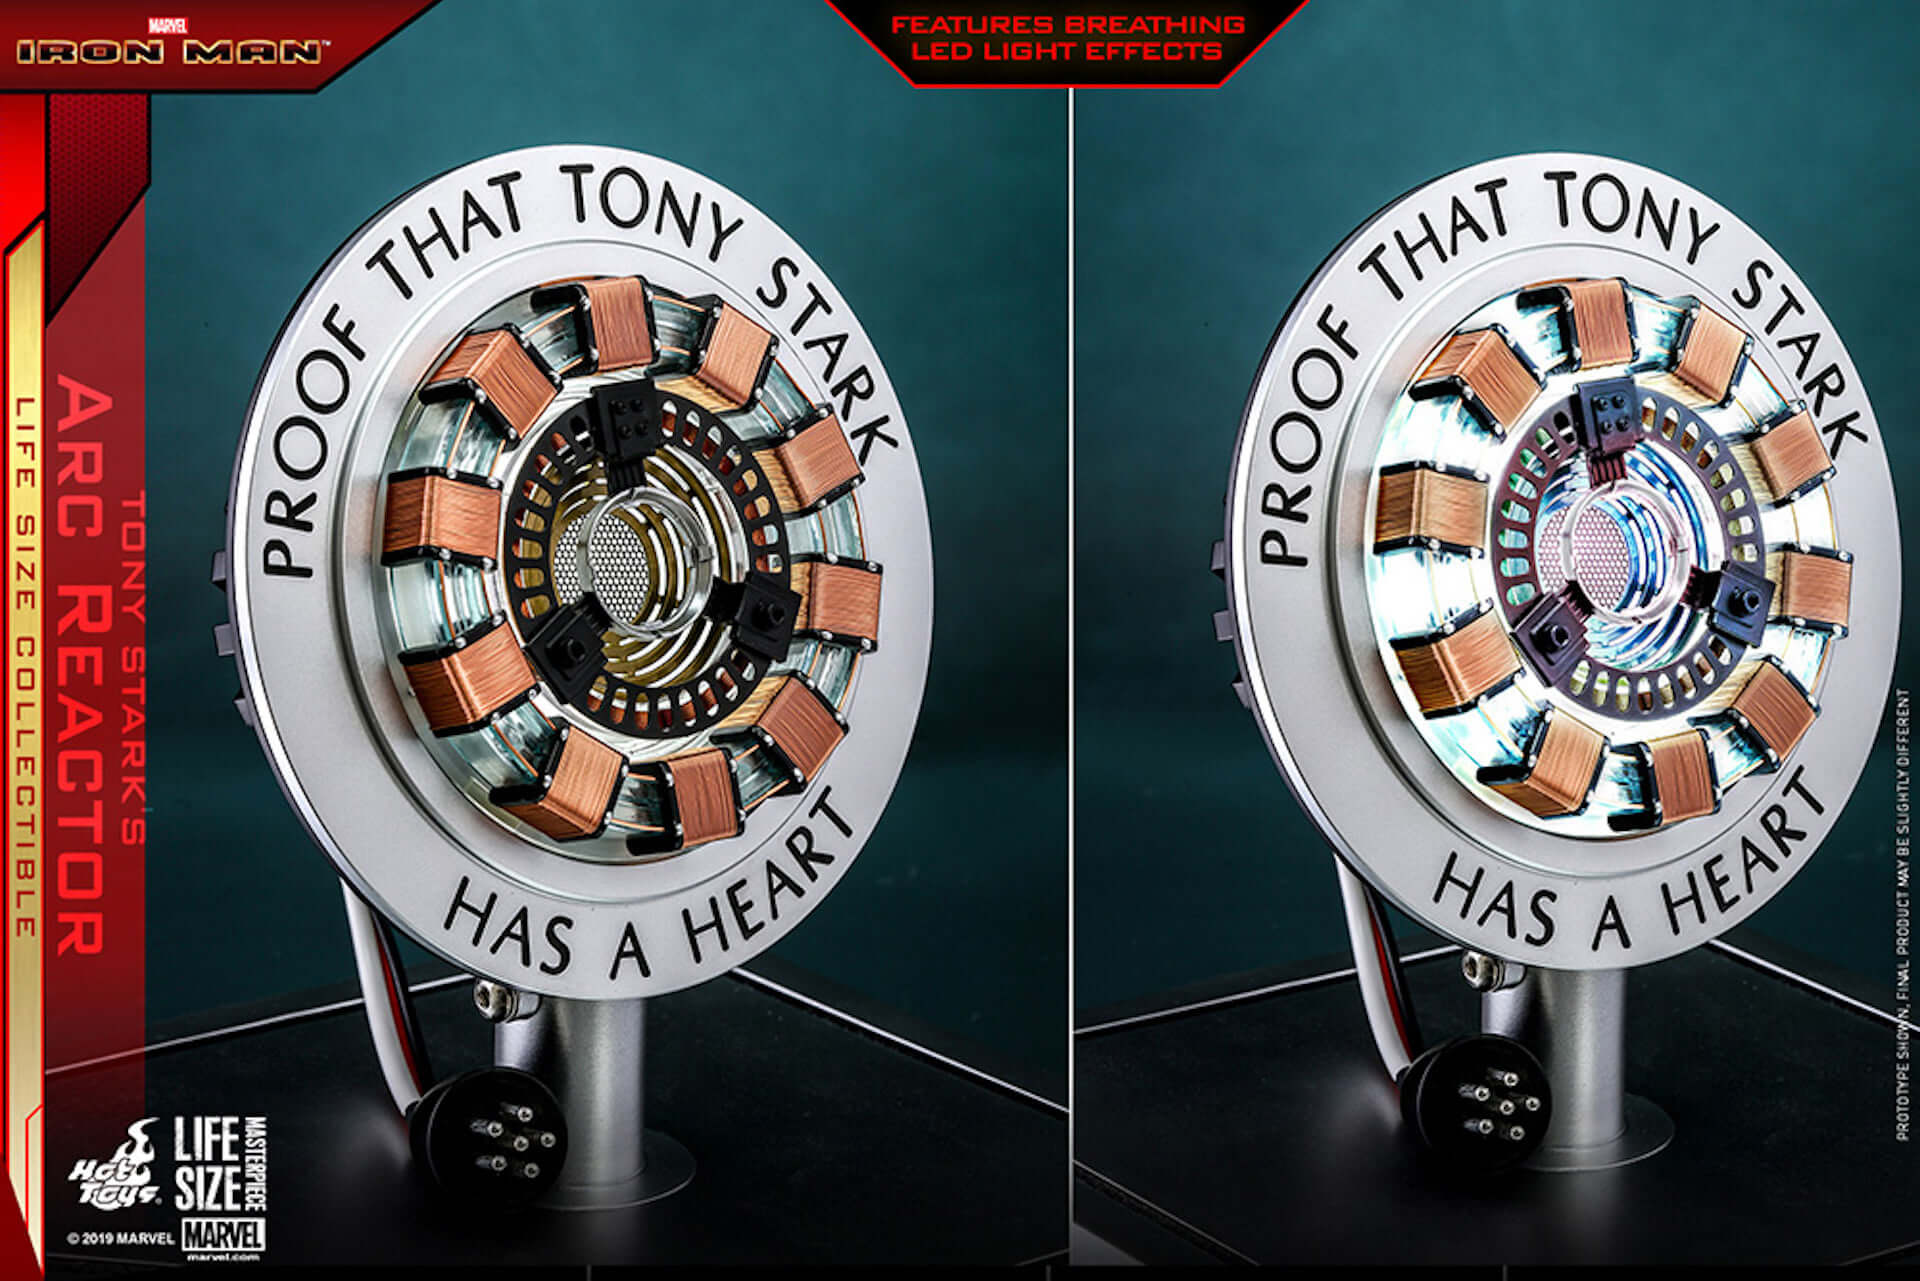 トニー・スタークよ、永遠に|『アベンジャーズ/エンドゲーム』&『アイアンマン』の実物大アーク・リアクターが登場 art190722_avengers_tonystark_1-1920x1281